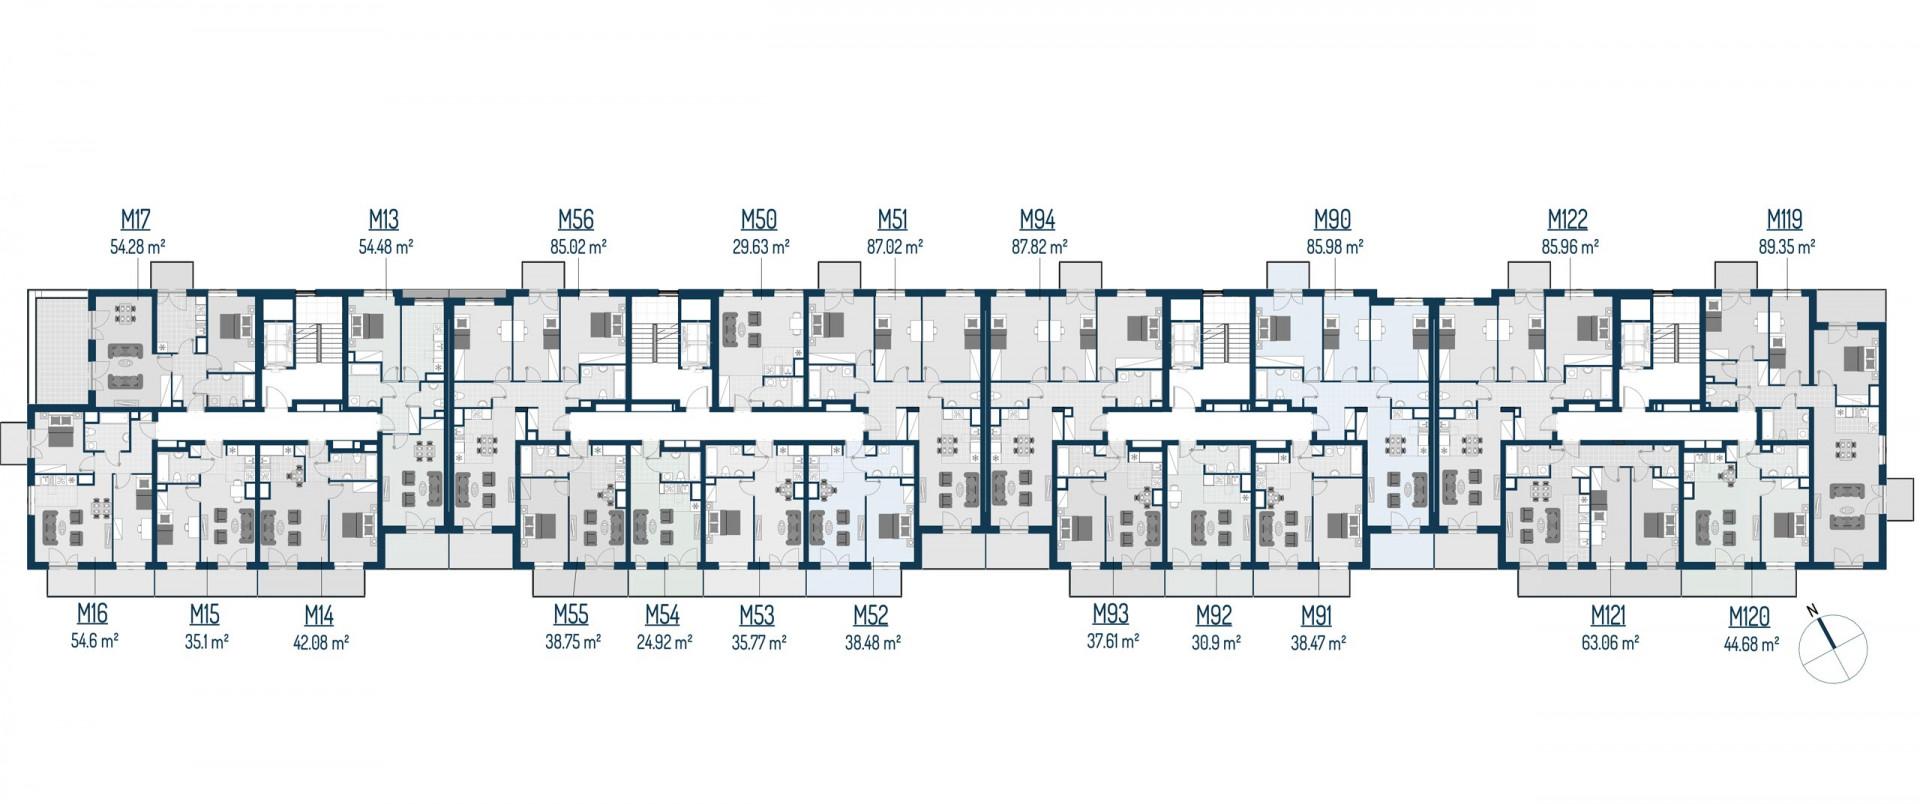 Zdrowe Stylove / budynek 2 / mieszkanie nr 122 rzut 2